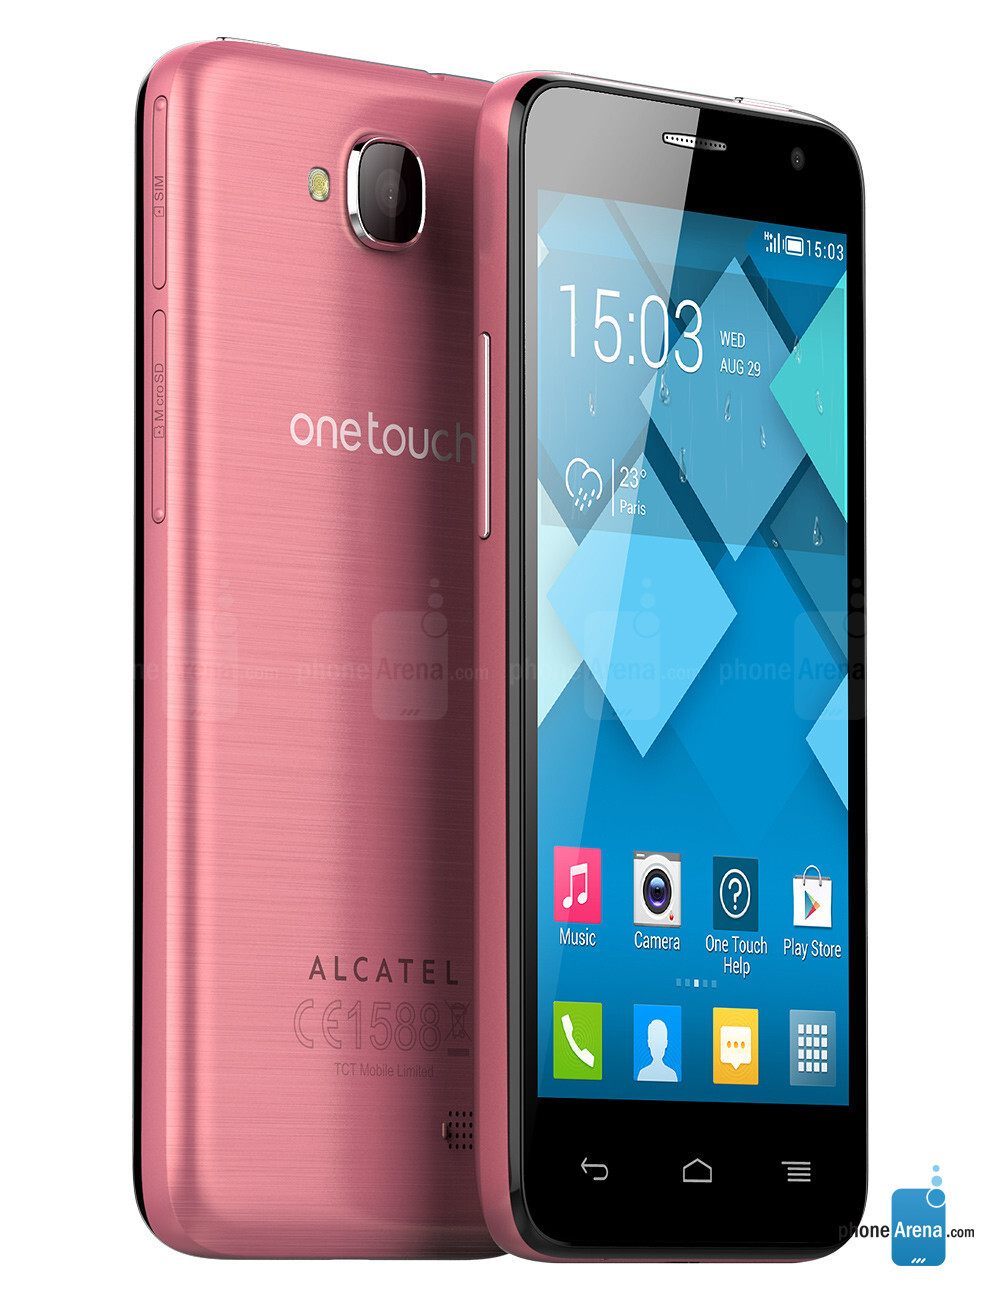 Alcatel idol mini 6012x фото